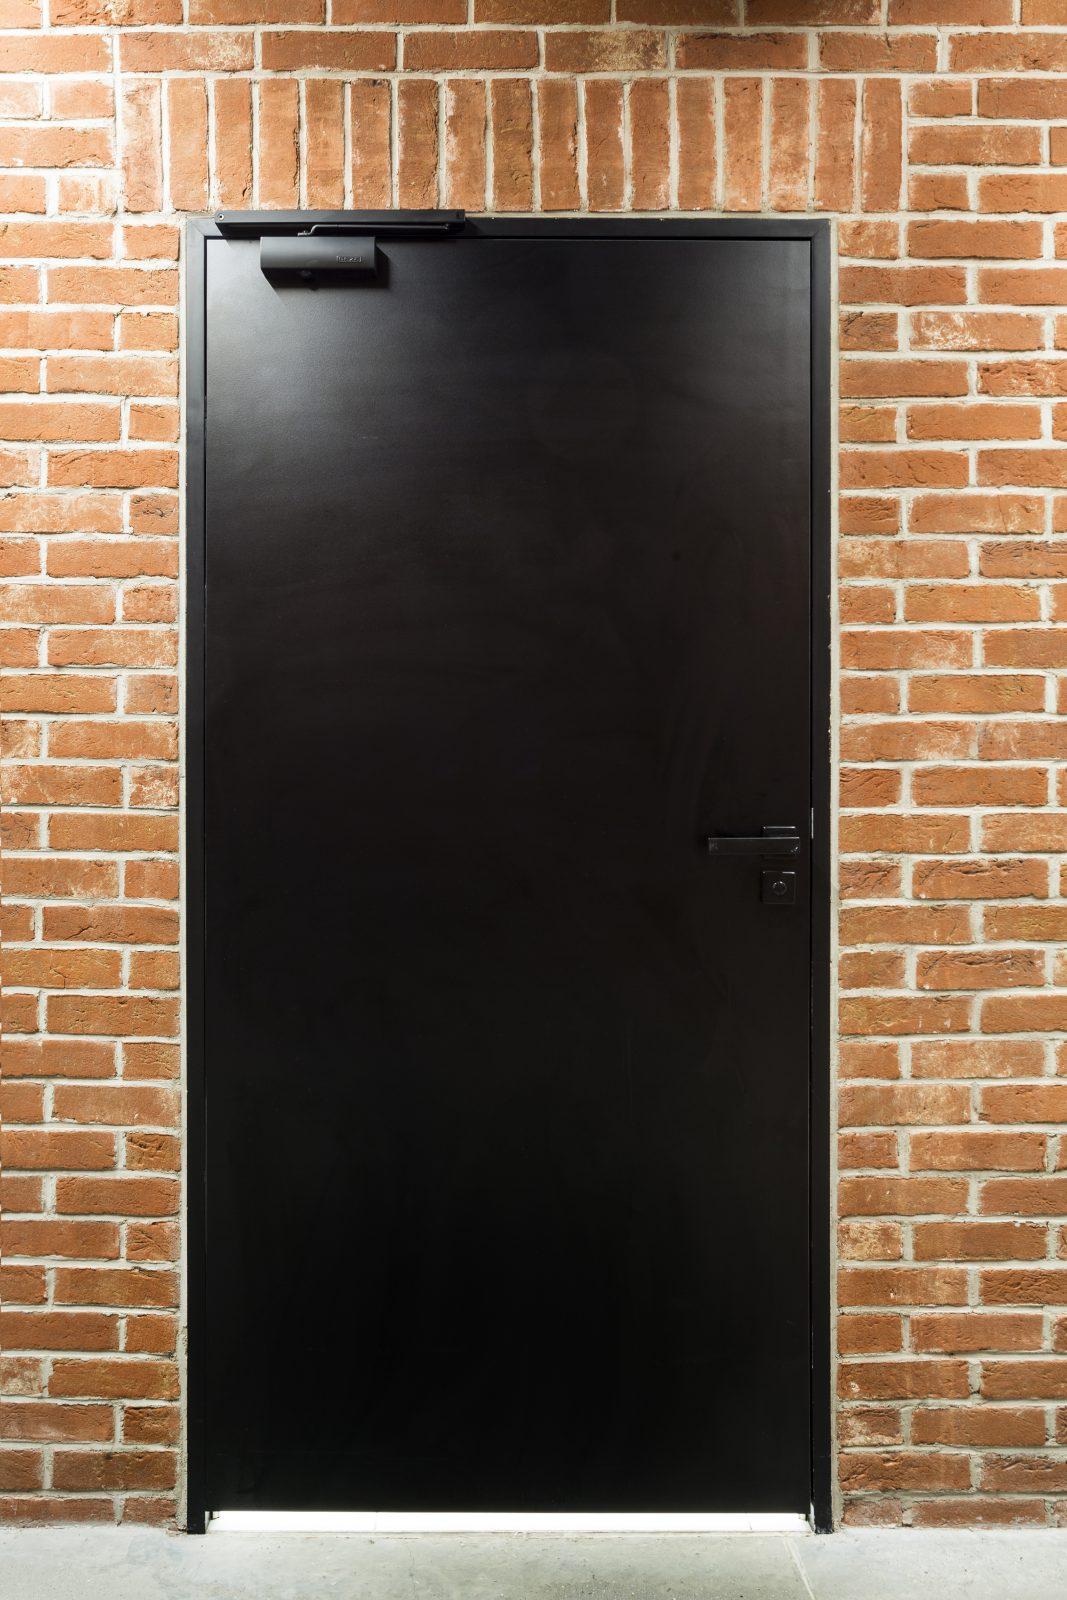 דלת אלומיניום בצבע שחור עם מחזיר שמן